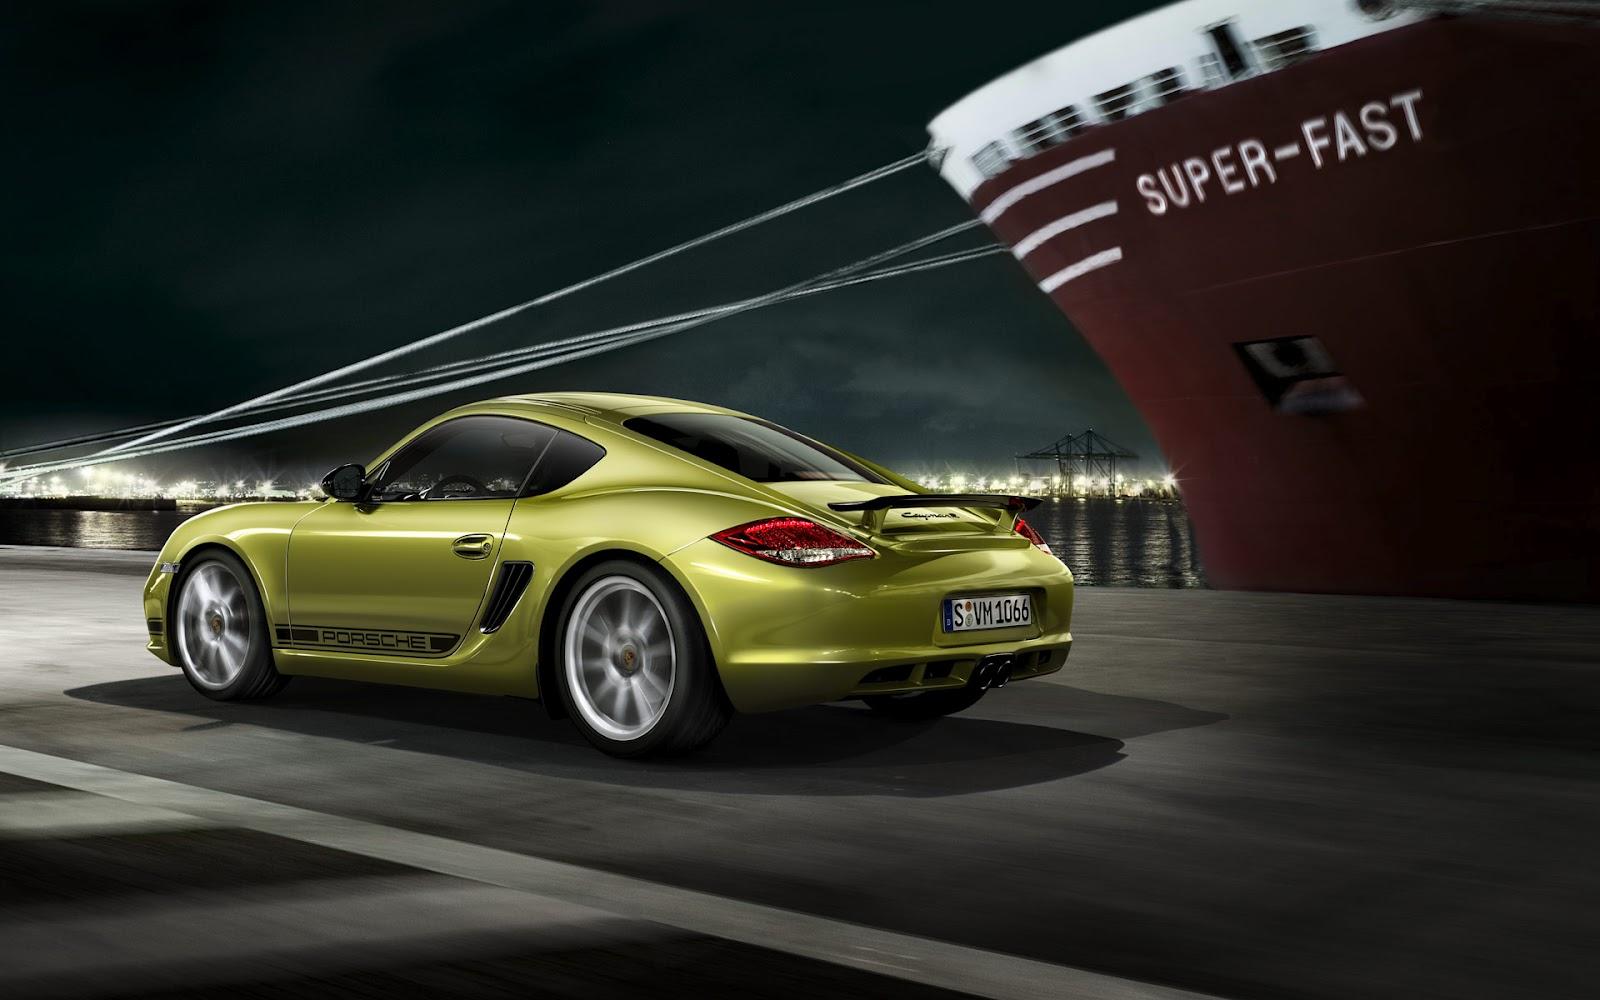 http://3.bp.blogspot.com/--9pG8jNzl3E/UBfqDwLXqqI/AAAAAAAAAmY/hbu1Im82AhQ/s1600/wallpaper-Porsche+Cayman+R+Exterior4.jpg